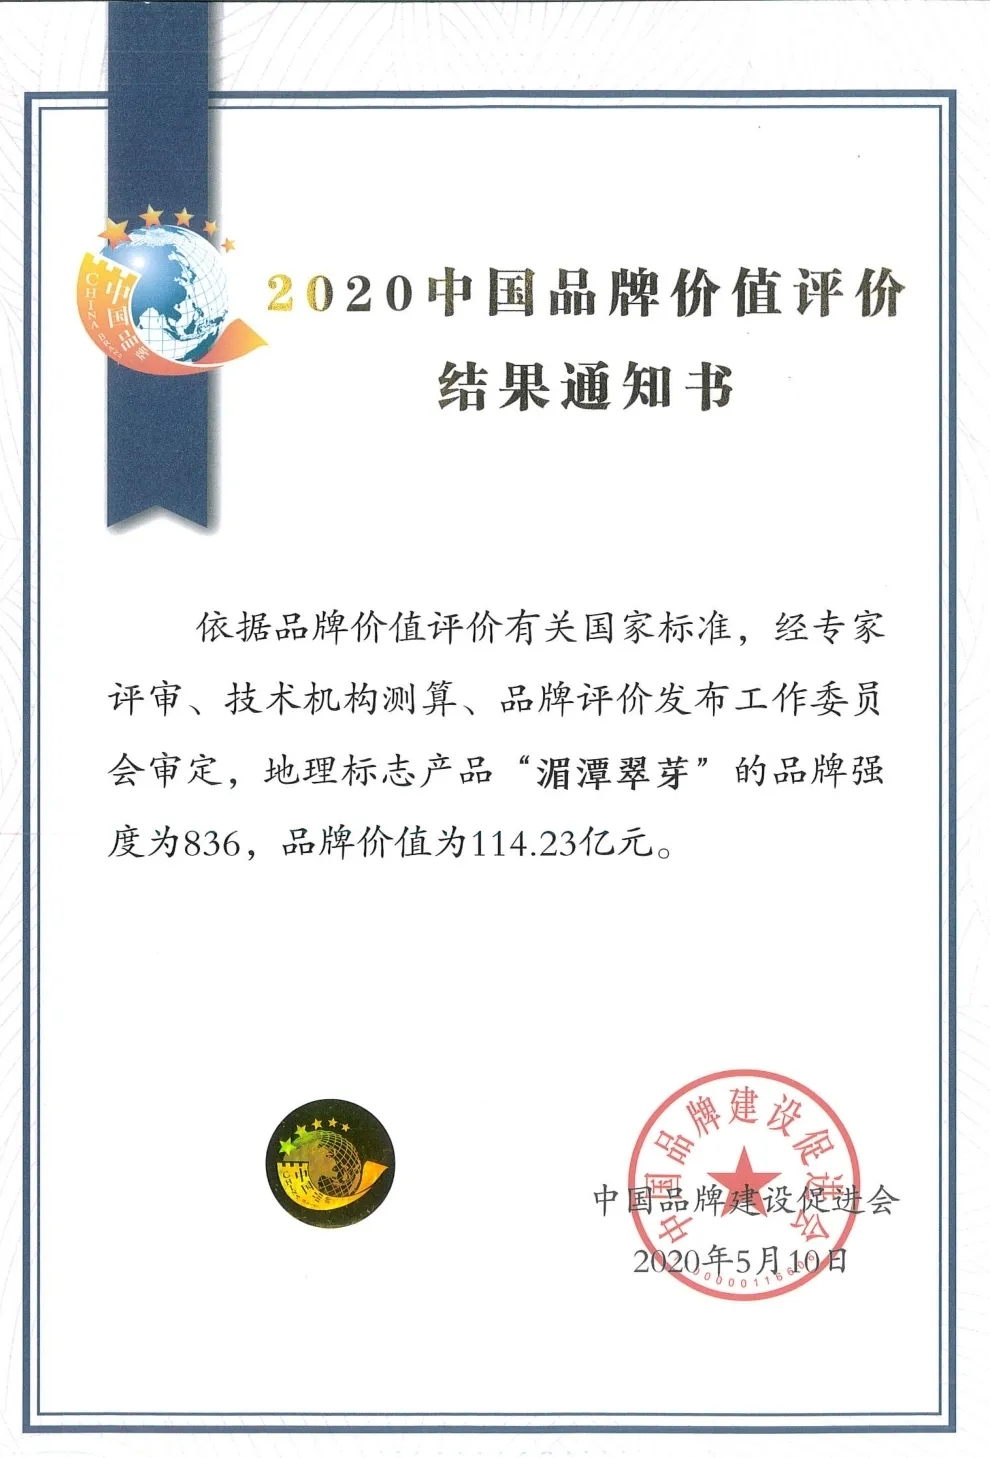 """""""湄潭翠芽""""荣登中国茶类品牌价值榜 跃居第7位——品牌价值114.23亿元"""